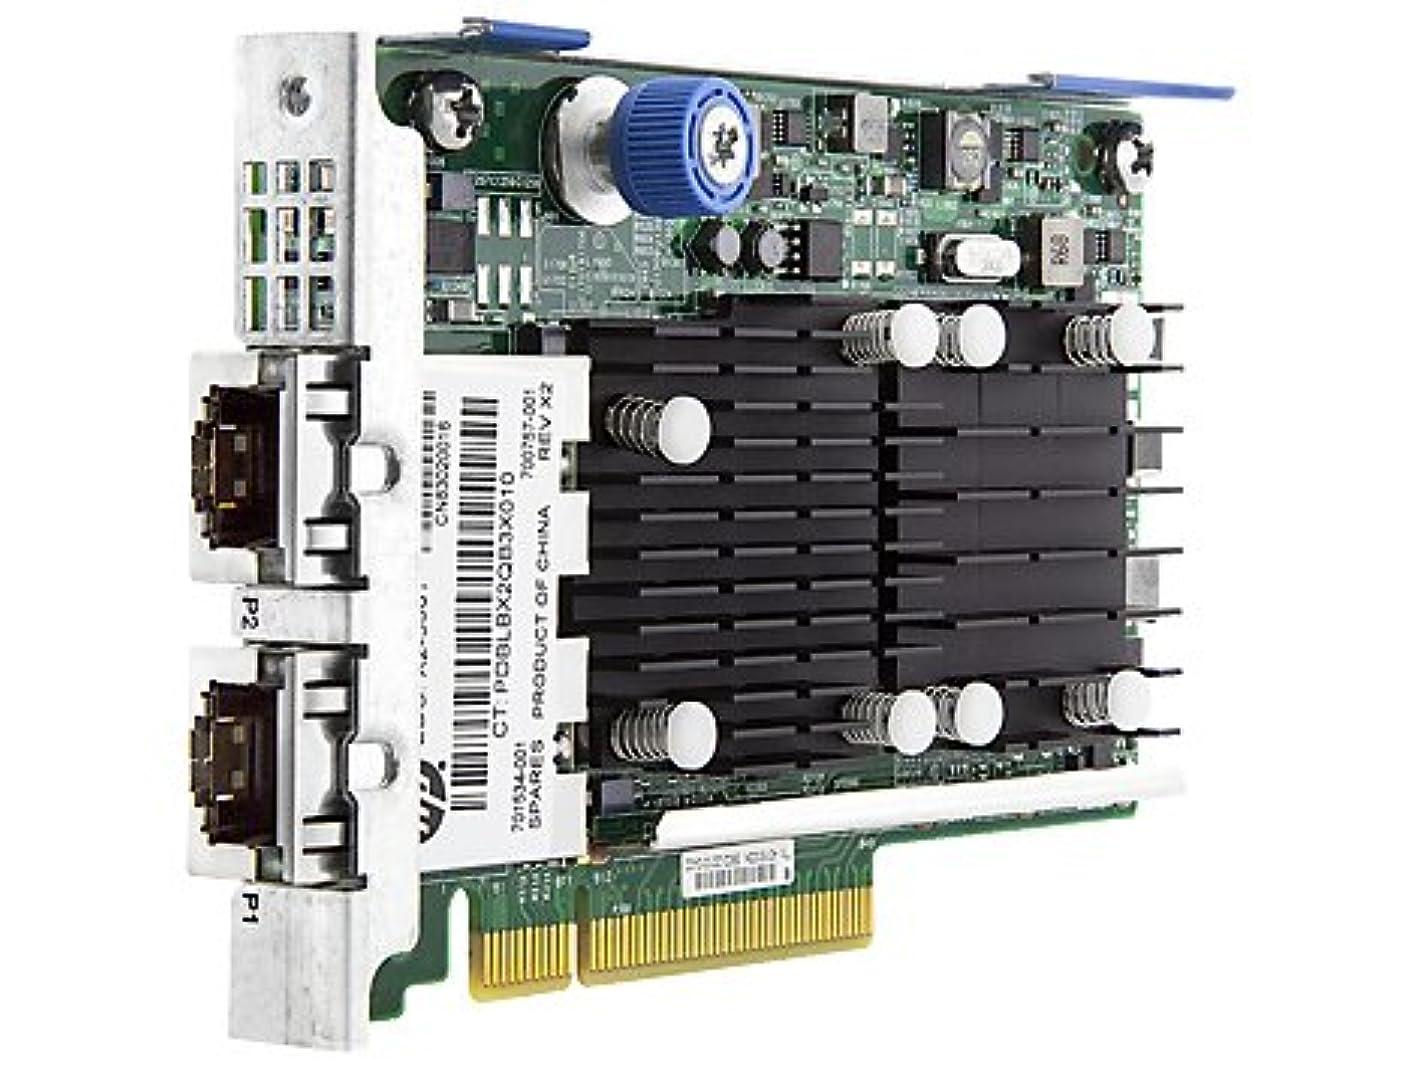 パノラマたとえ靄HP 700759-B21 FLEXFABRIC 10GB 2ポート 533FLR-Tアダプター